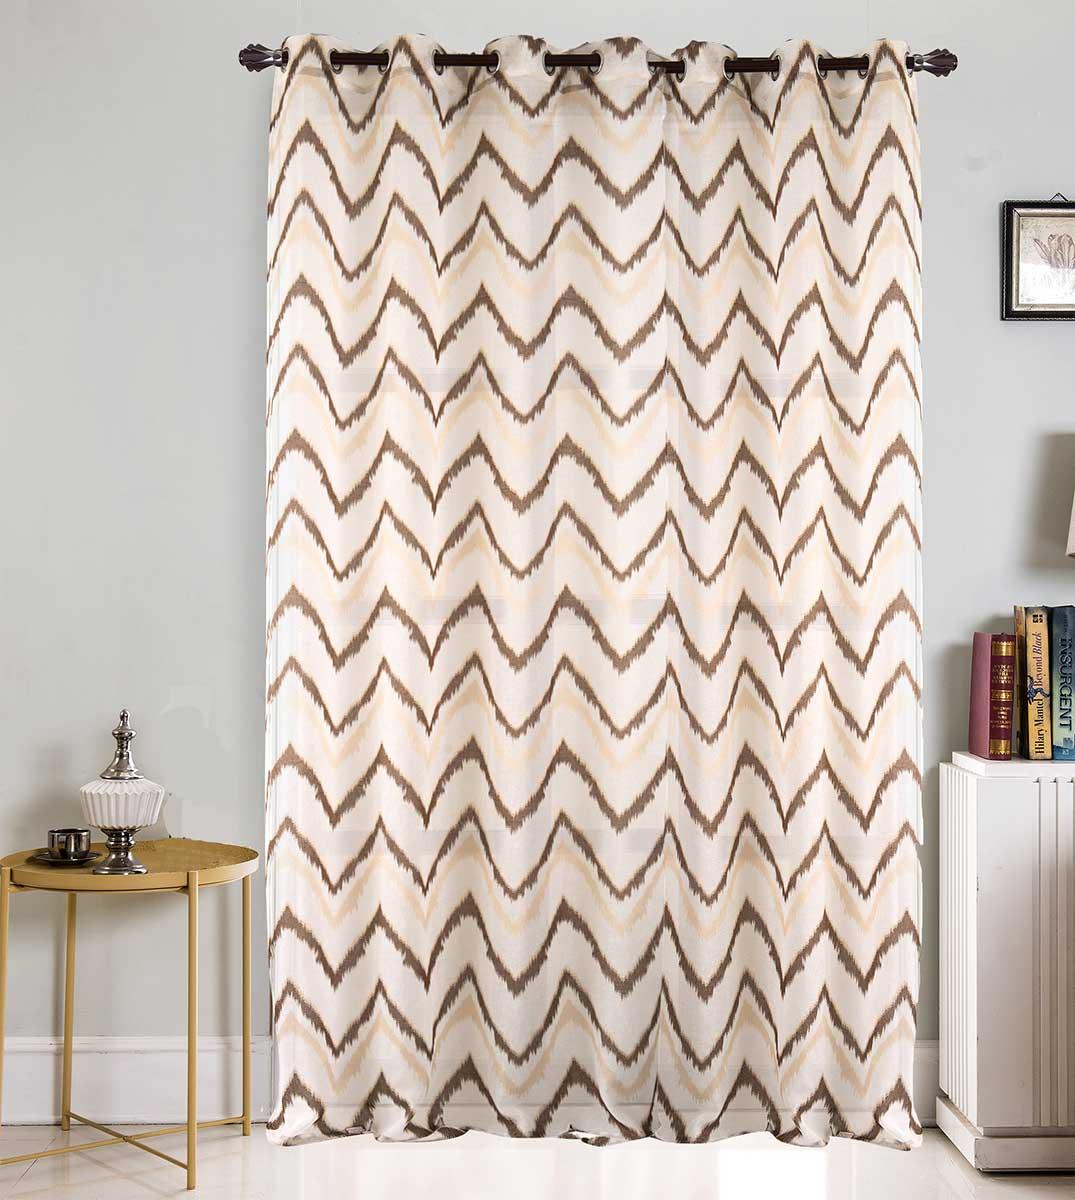 voilage grande largeur esprit ethnique choco fuchsia noir blanc gris homemaison. Black Bedroom Furniture Sets. Home Design Ideas